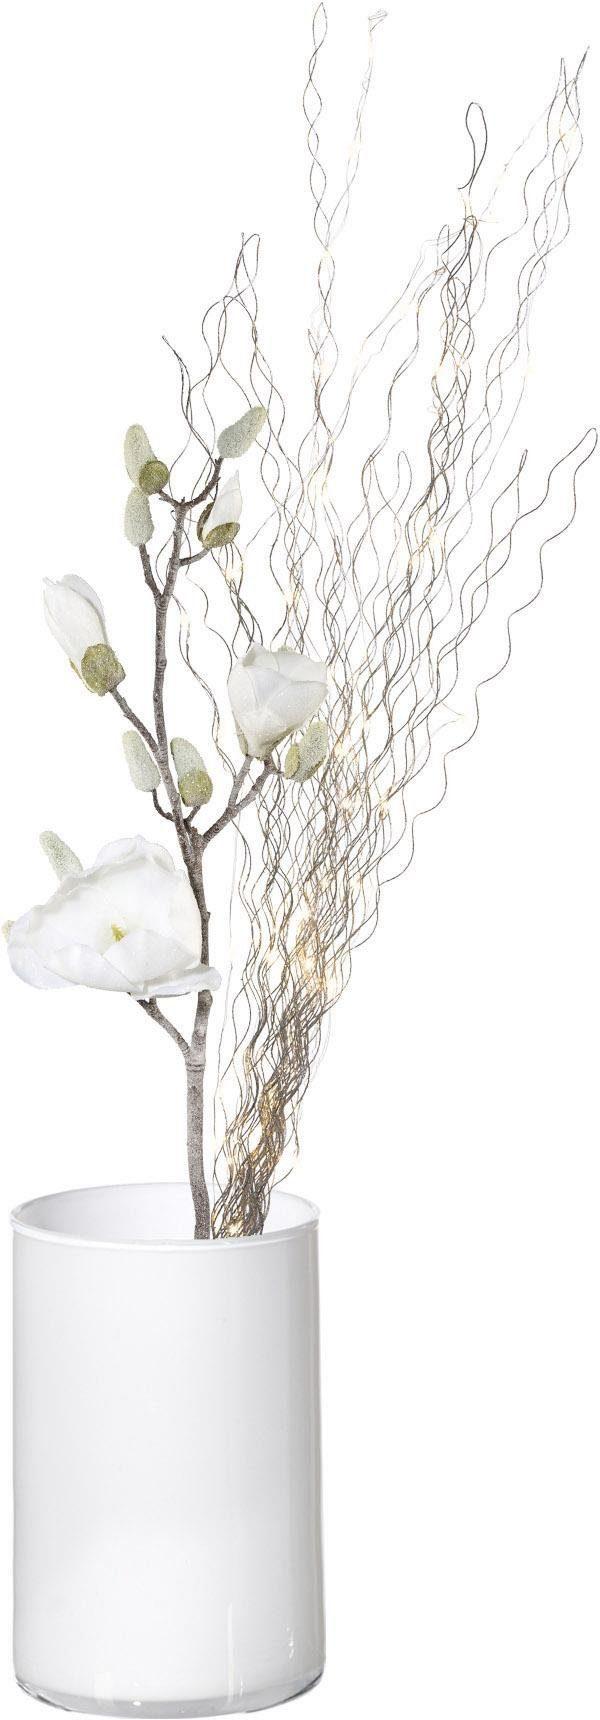 Kunstblume Magnolie (Set 3 Stück) Wohnen/Accessoires & Leuchten/Wohnaccessoires/Kunstpflanzen/Kunstblumen